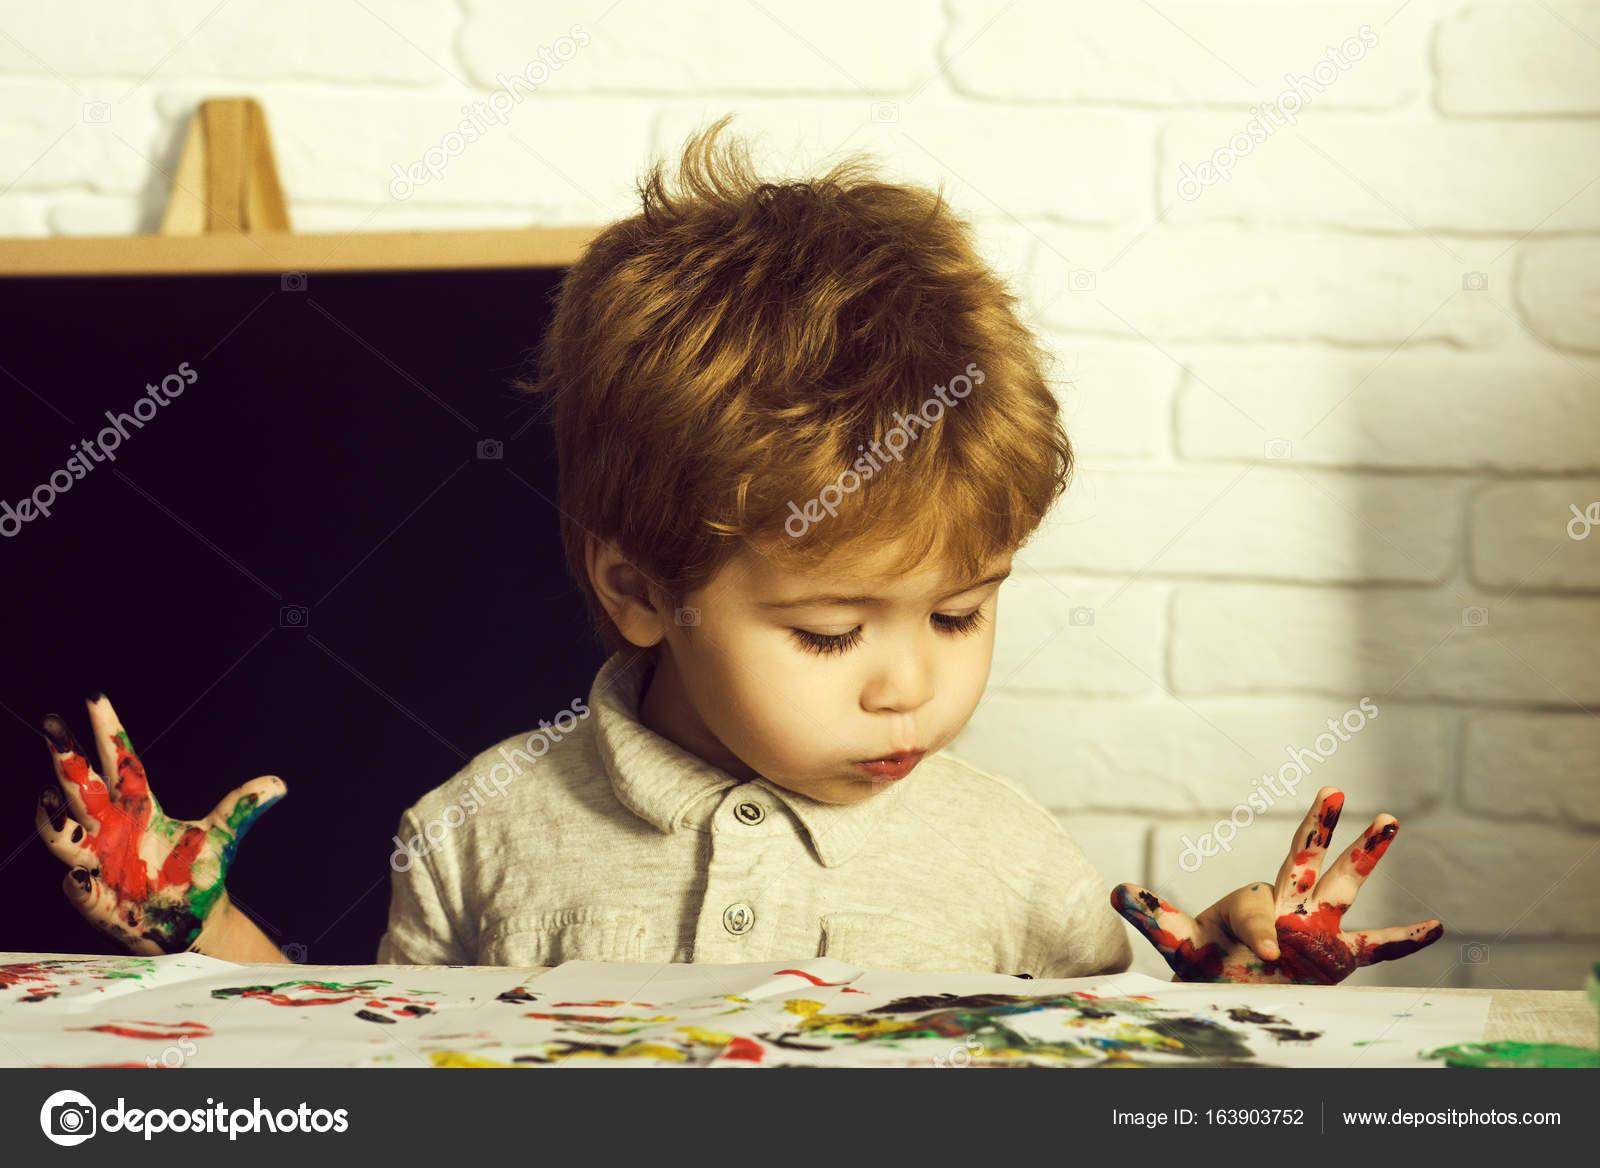 Schattig kind schilderen mooie jongen met grappige gezicht verven